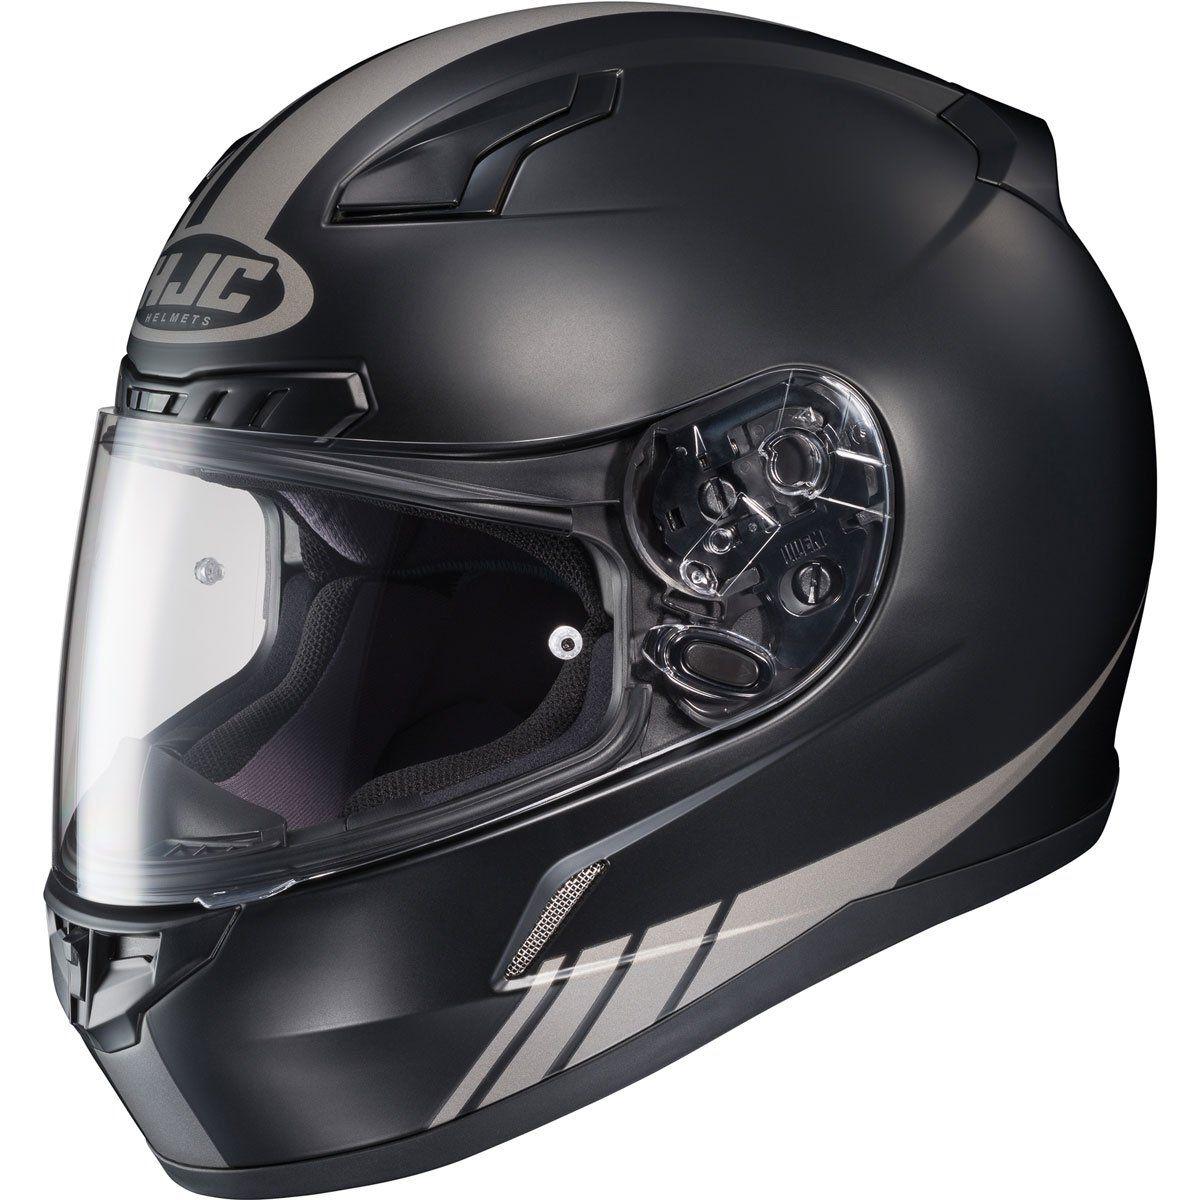 HJC Streamline Men's CL17 Sports Bike Motorcycle Helmet